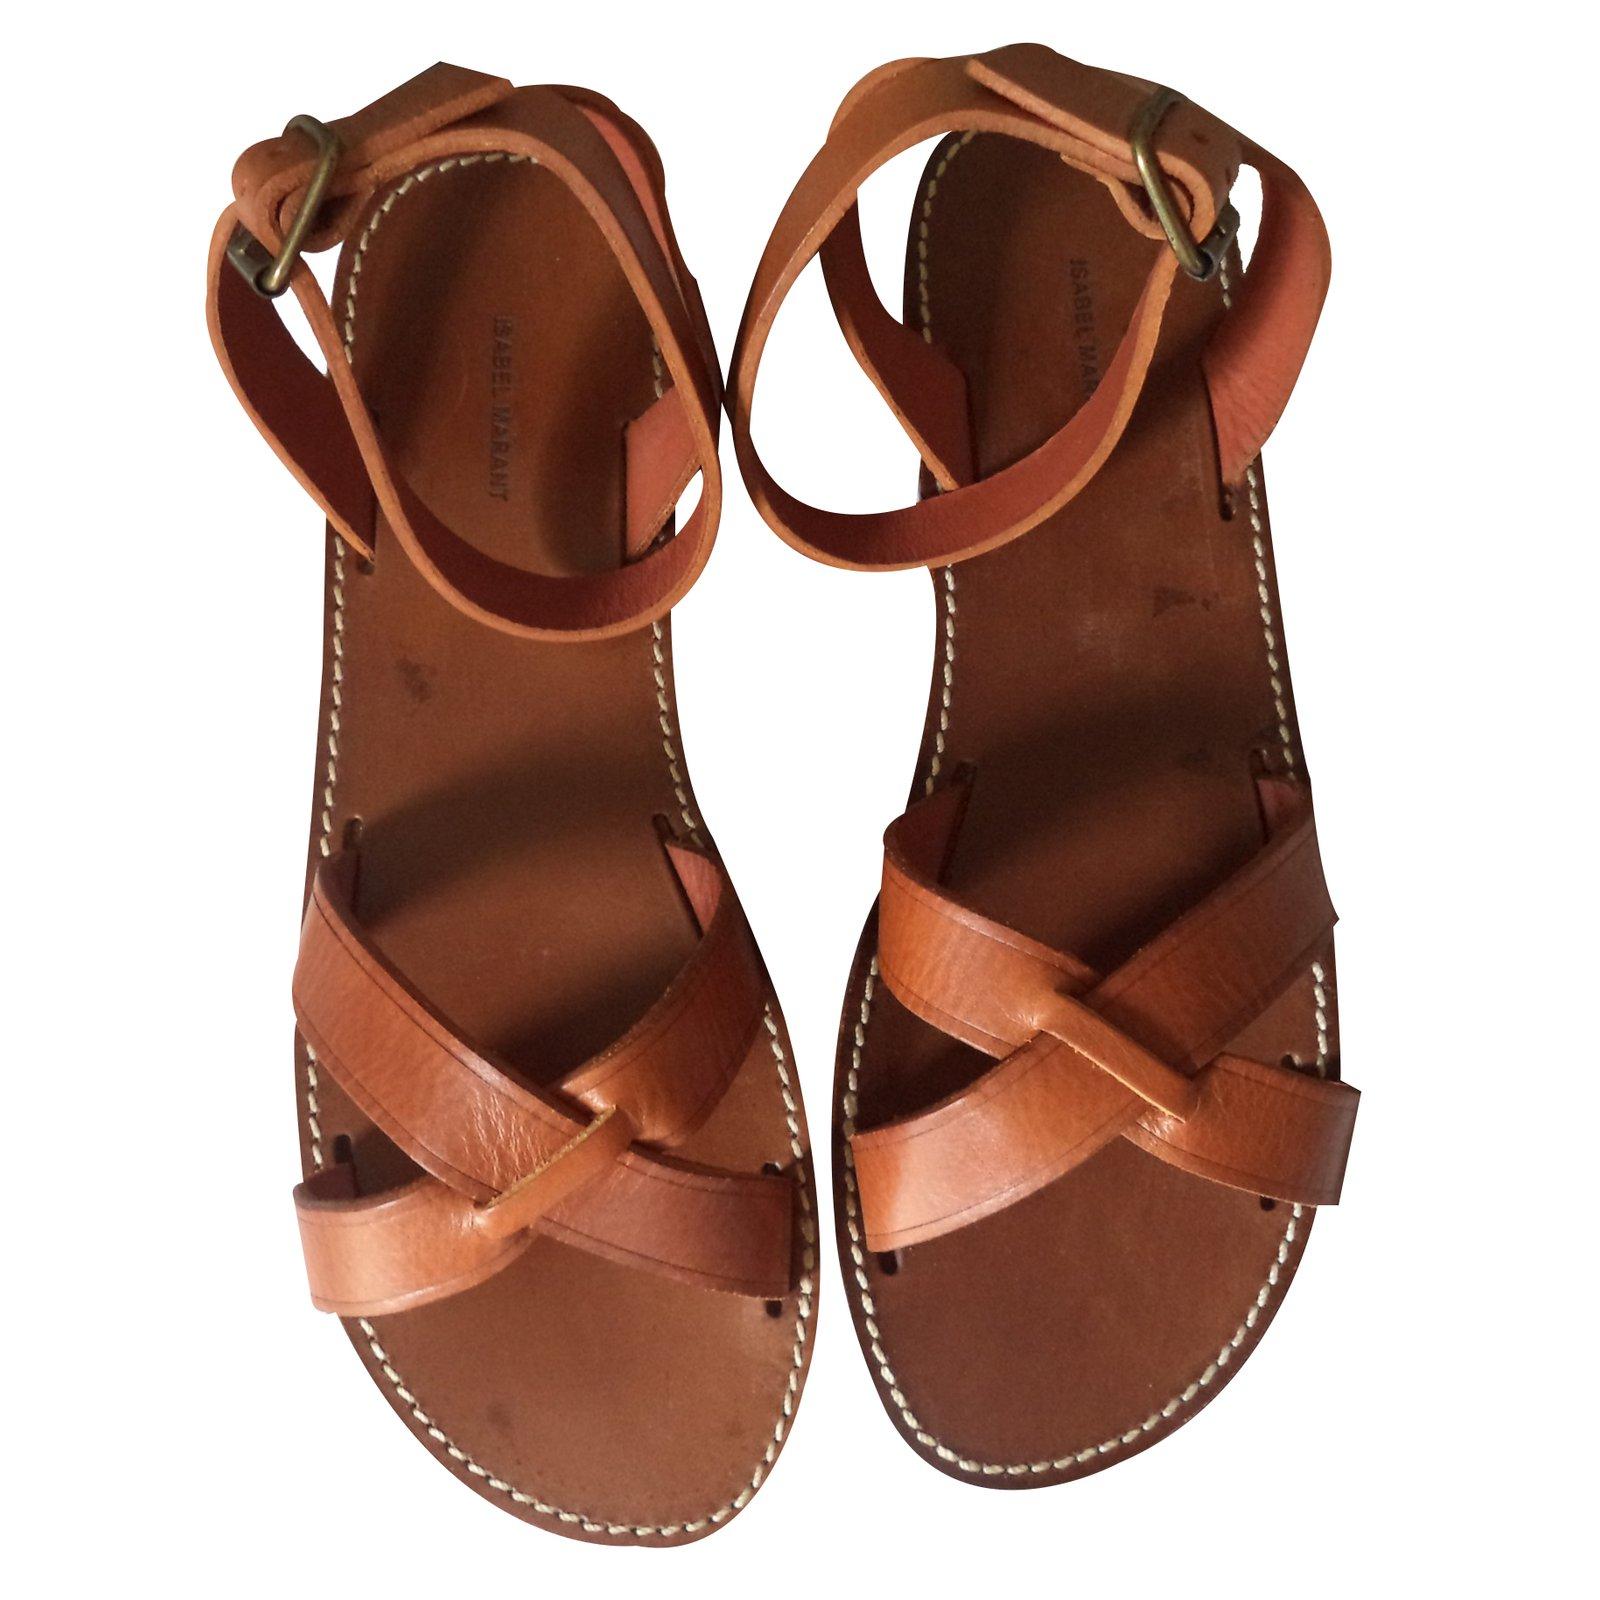 cc7b24d3a21f2 Isabel Marant MERRY Sandals Leather Cognac ref.21033 - Joli Closet